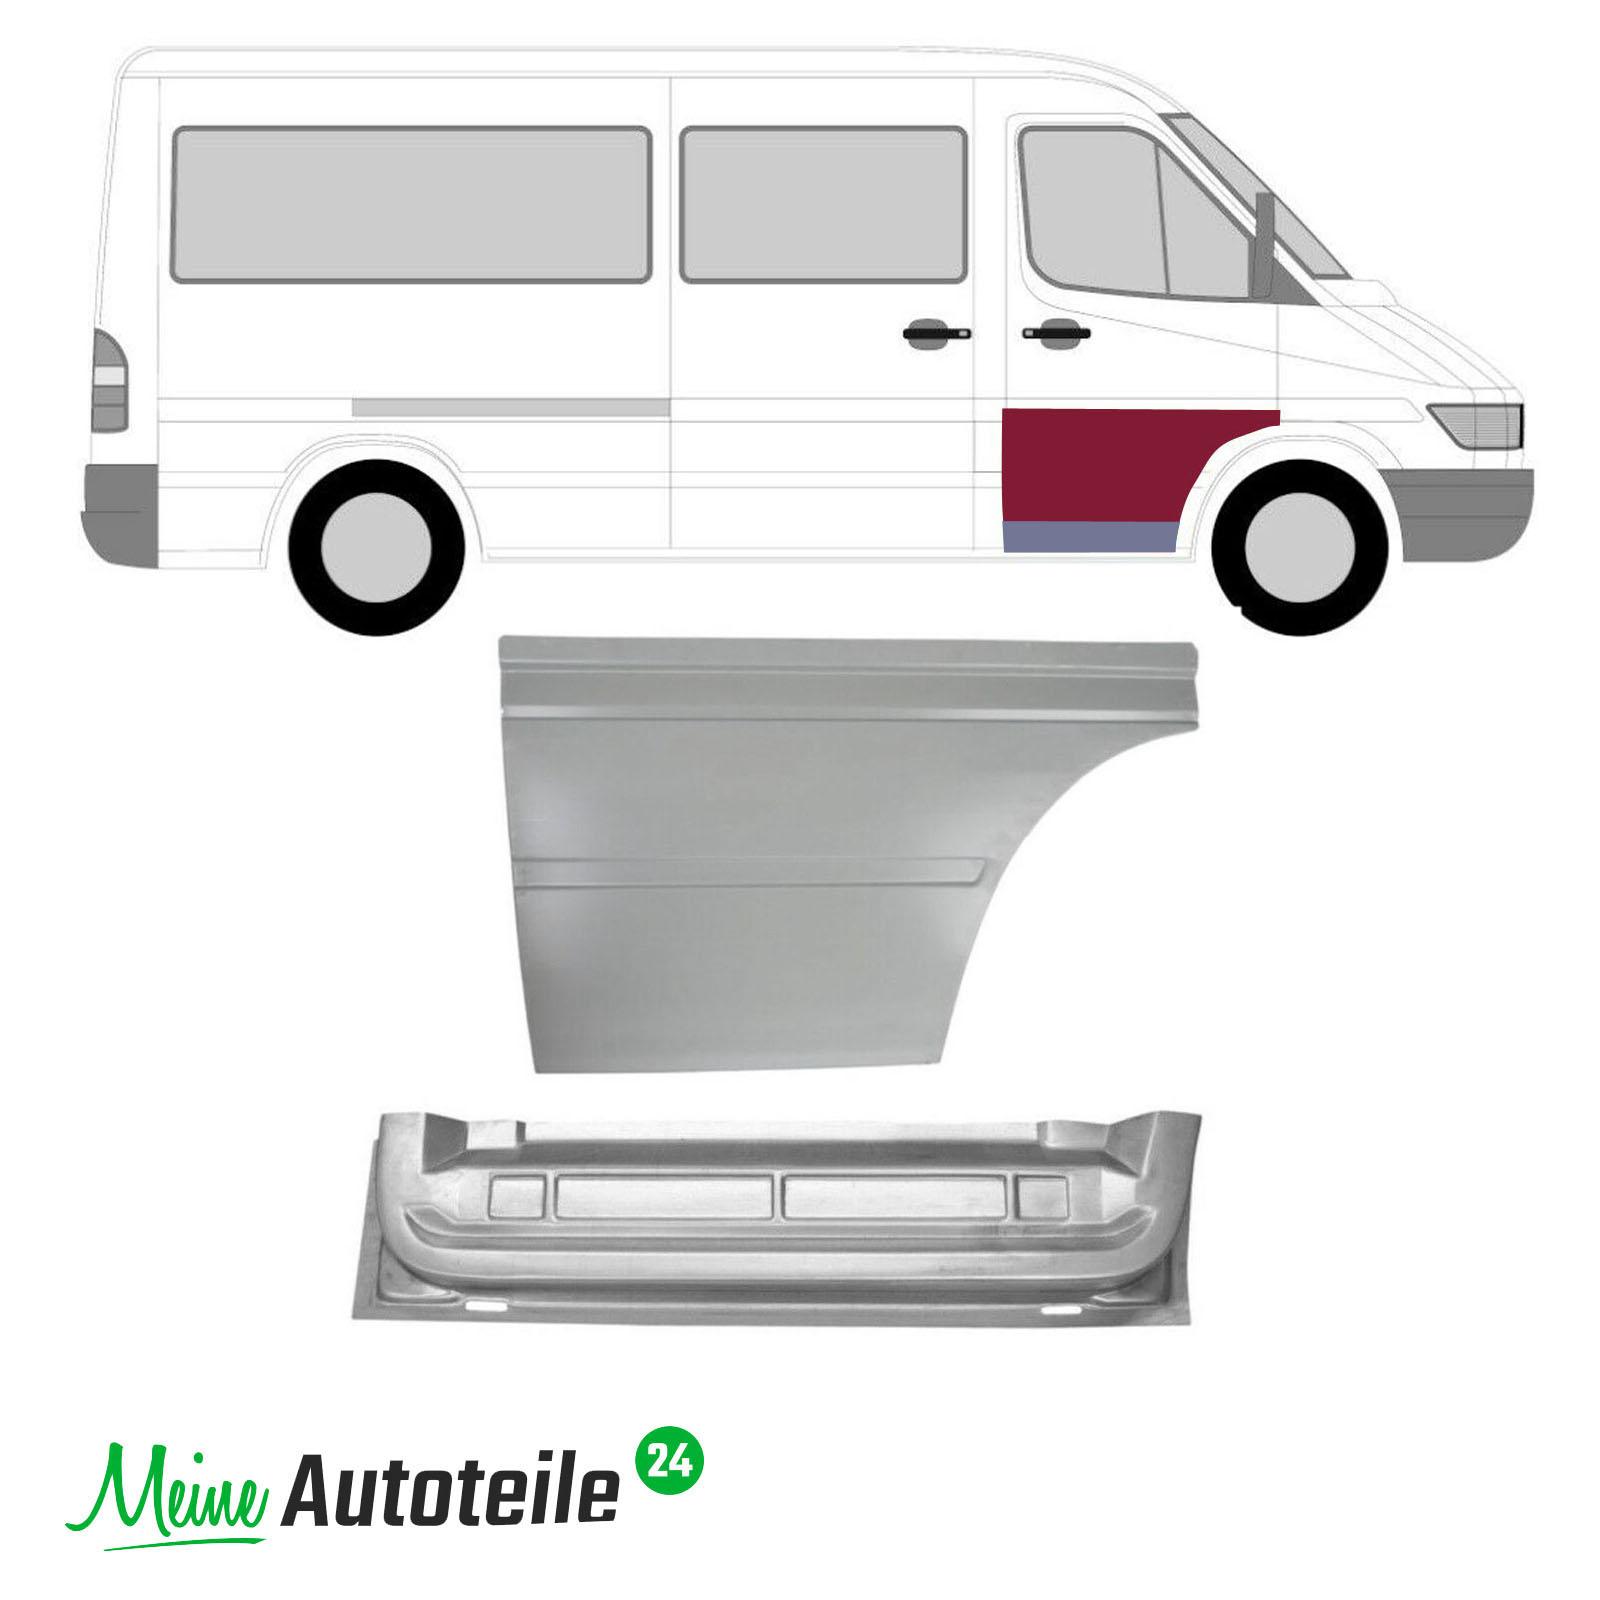 Mercedes Sprinter VW LT 1995-2006 Hinten Tür Innen Reparaturblech Rechts